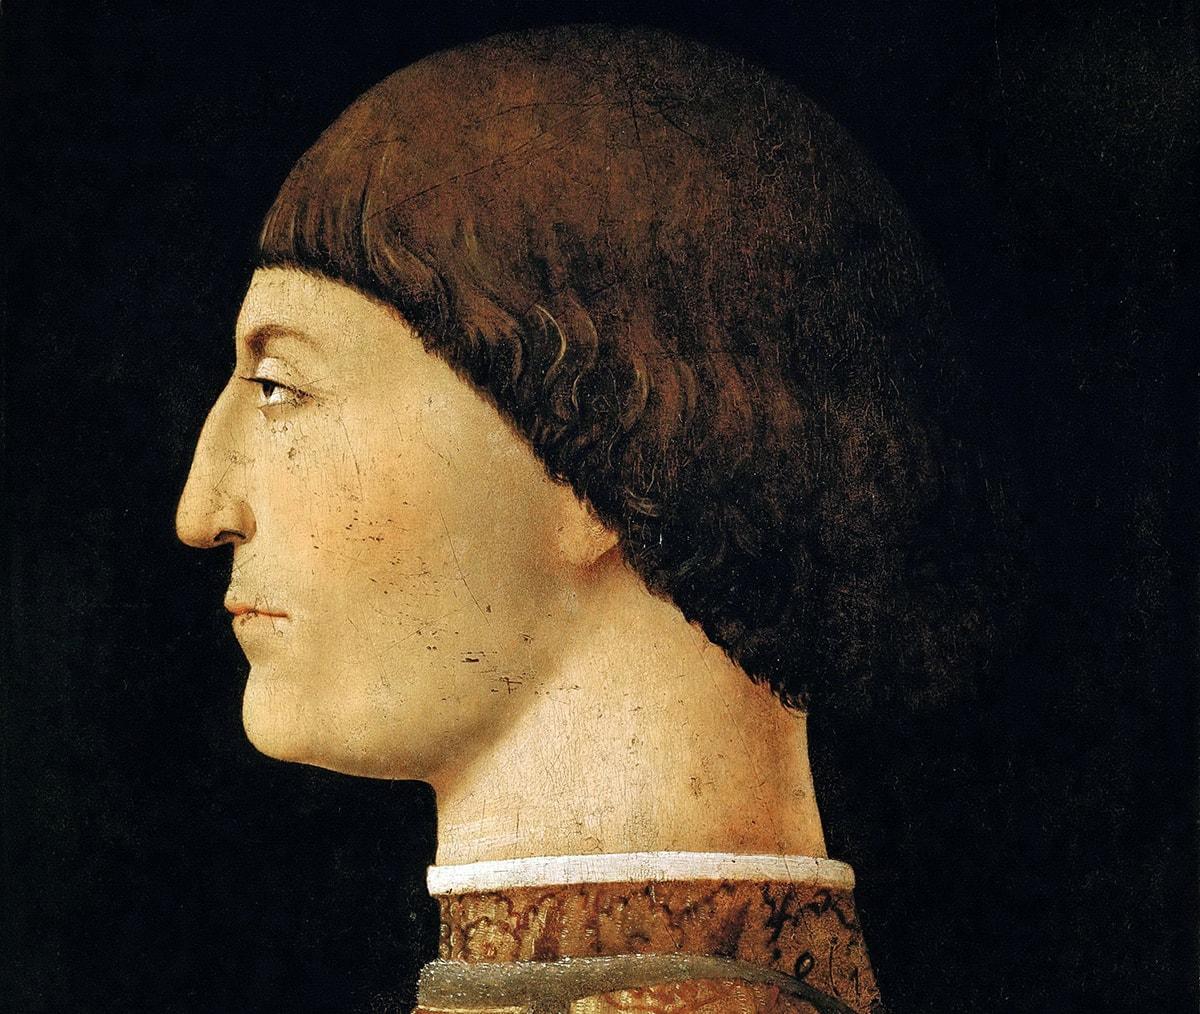 Piero della Francesca e il ritratto di Sigismondo in una grande mostra a San Pietroburgo